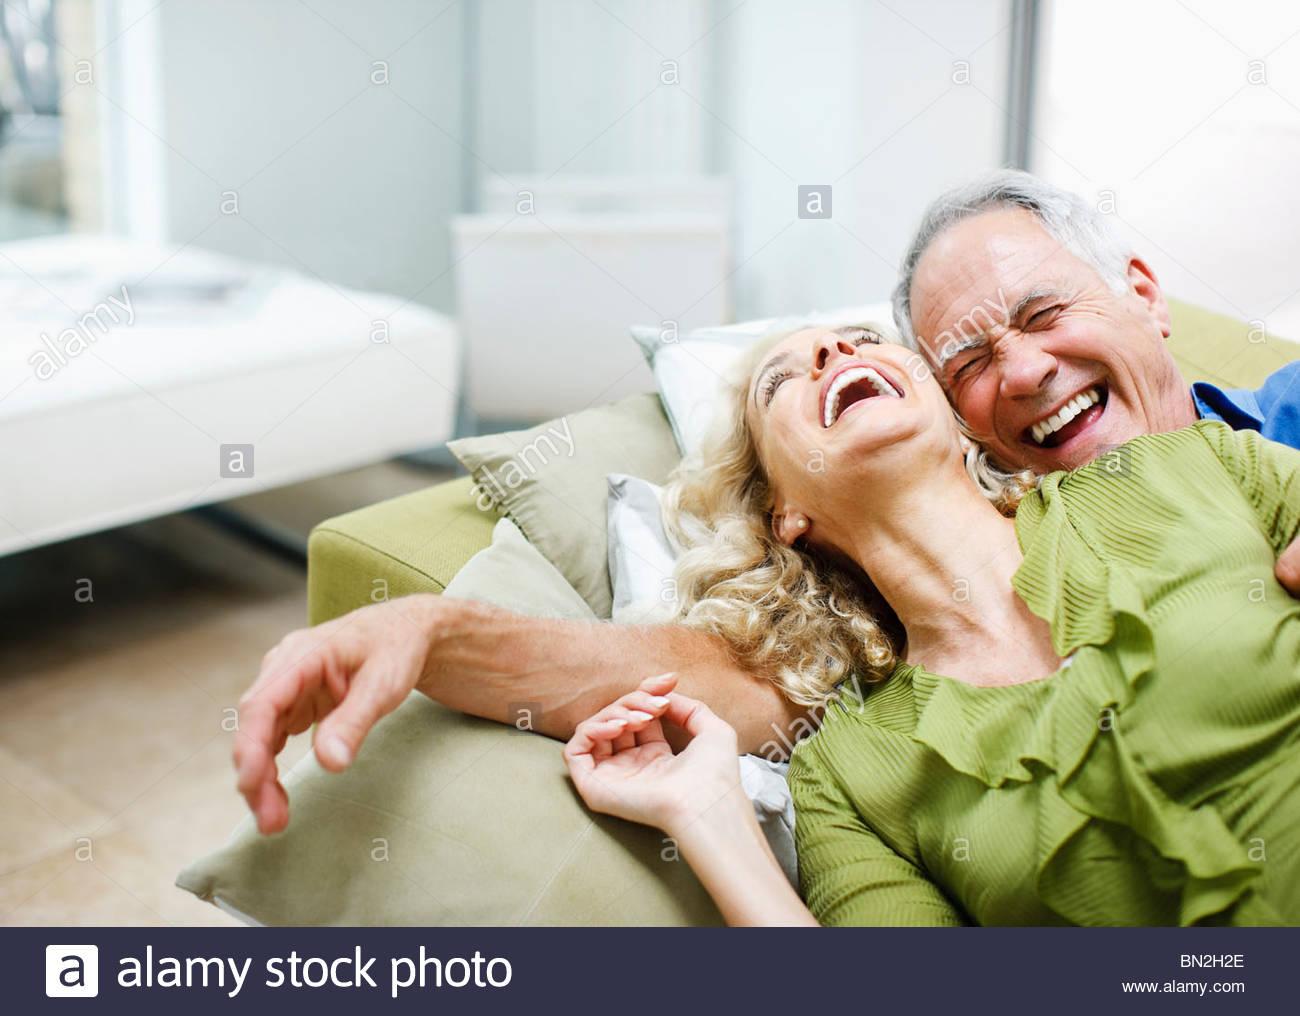 Par sentar en el sofá juntos Imagen De Stock